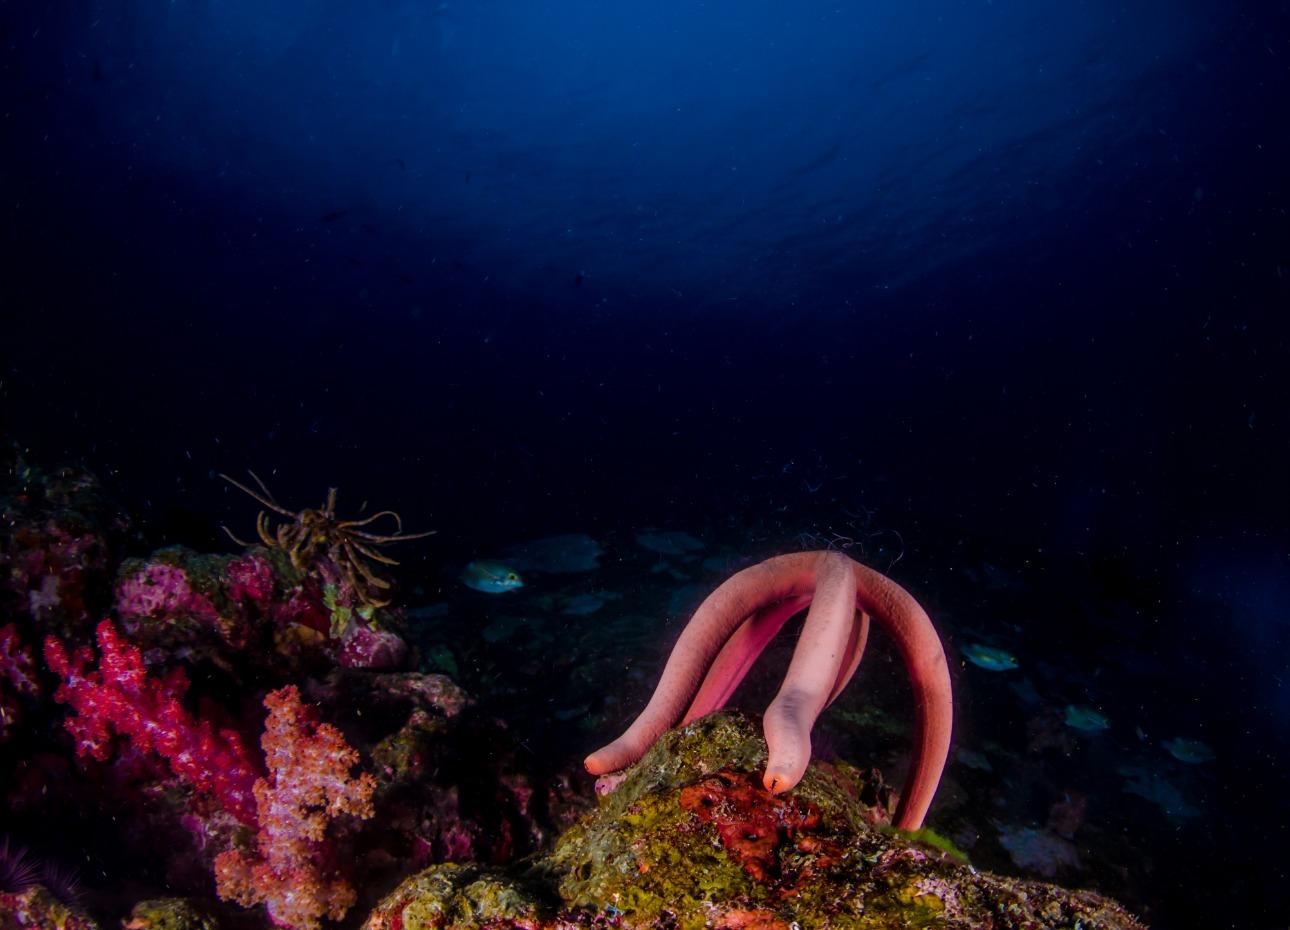 underwater Thailand scene